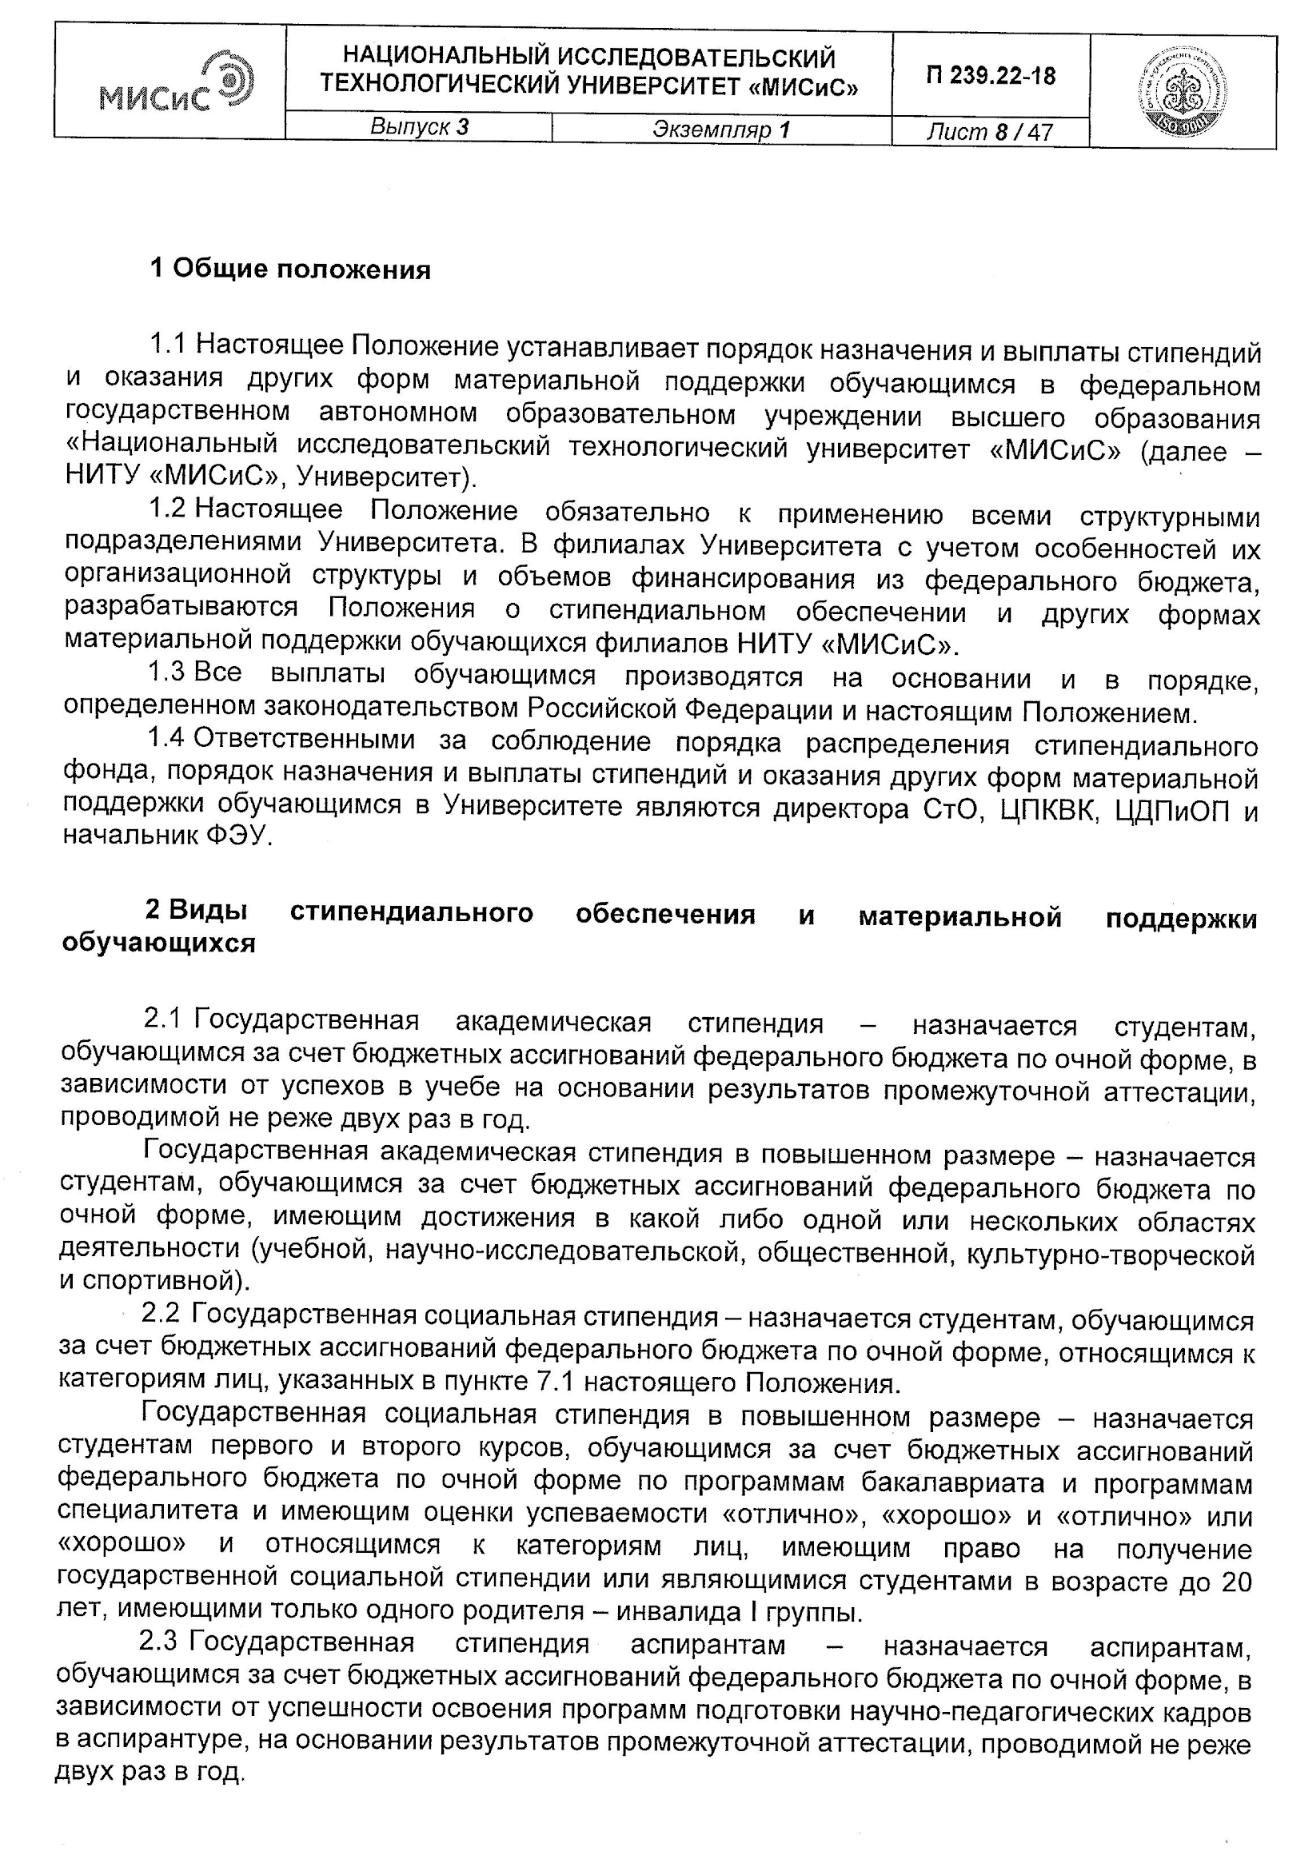 В документе указано, на кого он распространяется